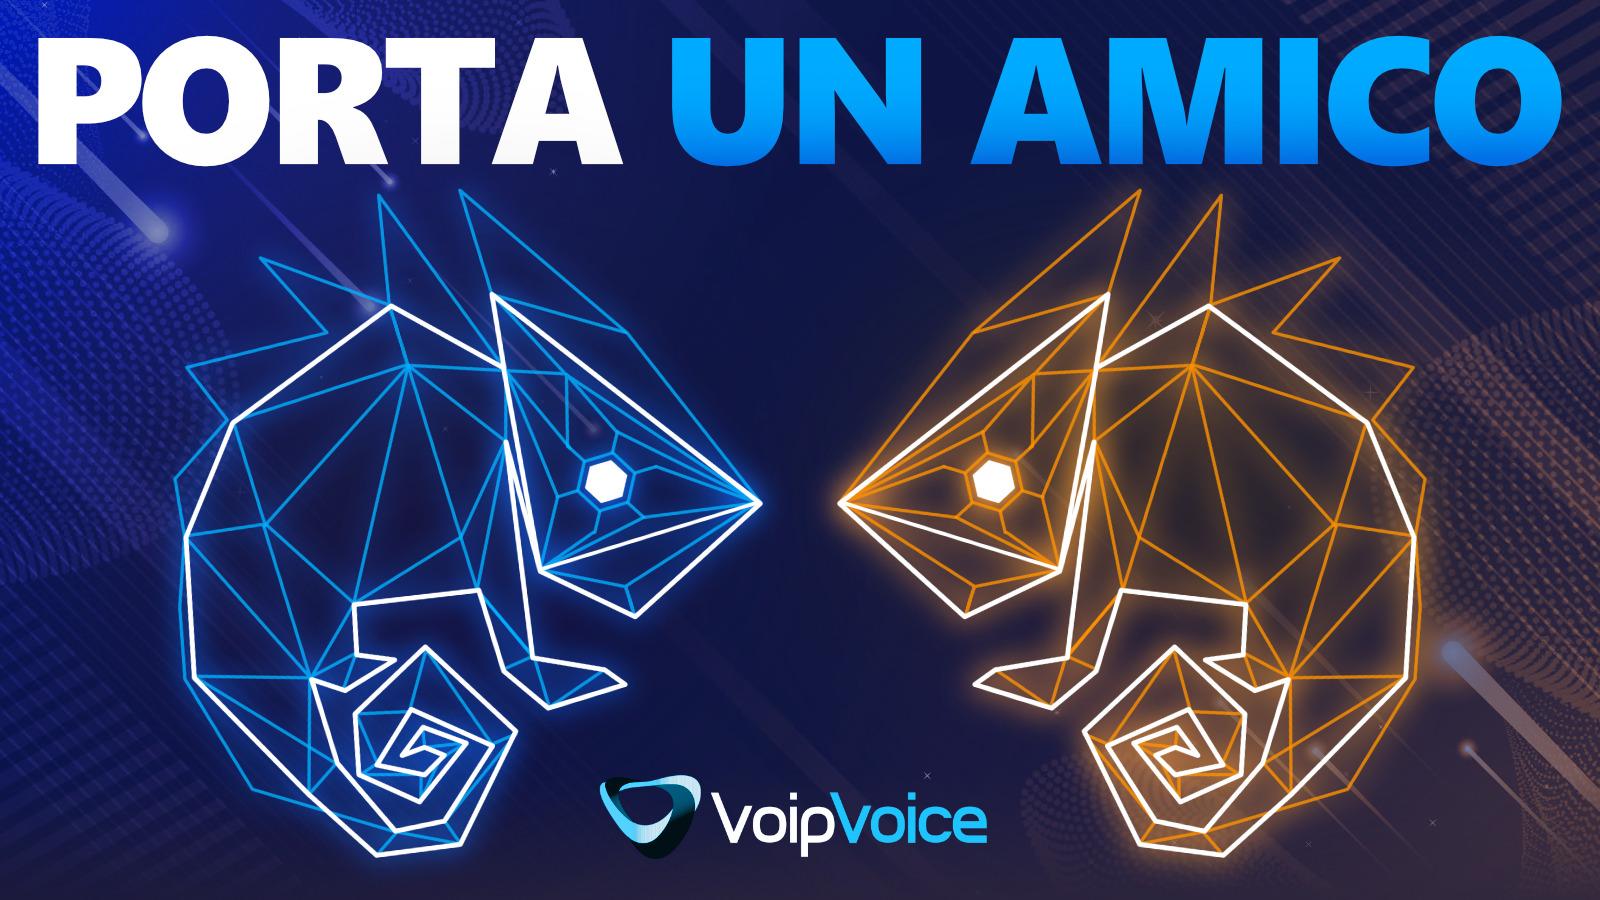 Porta un Amico: al via un nuovo progetto targato VoipVoice